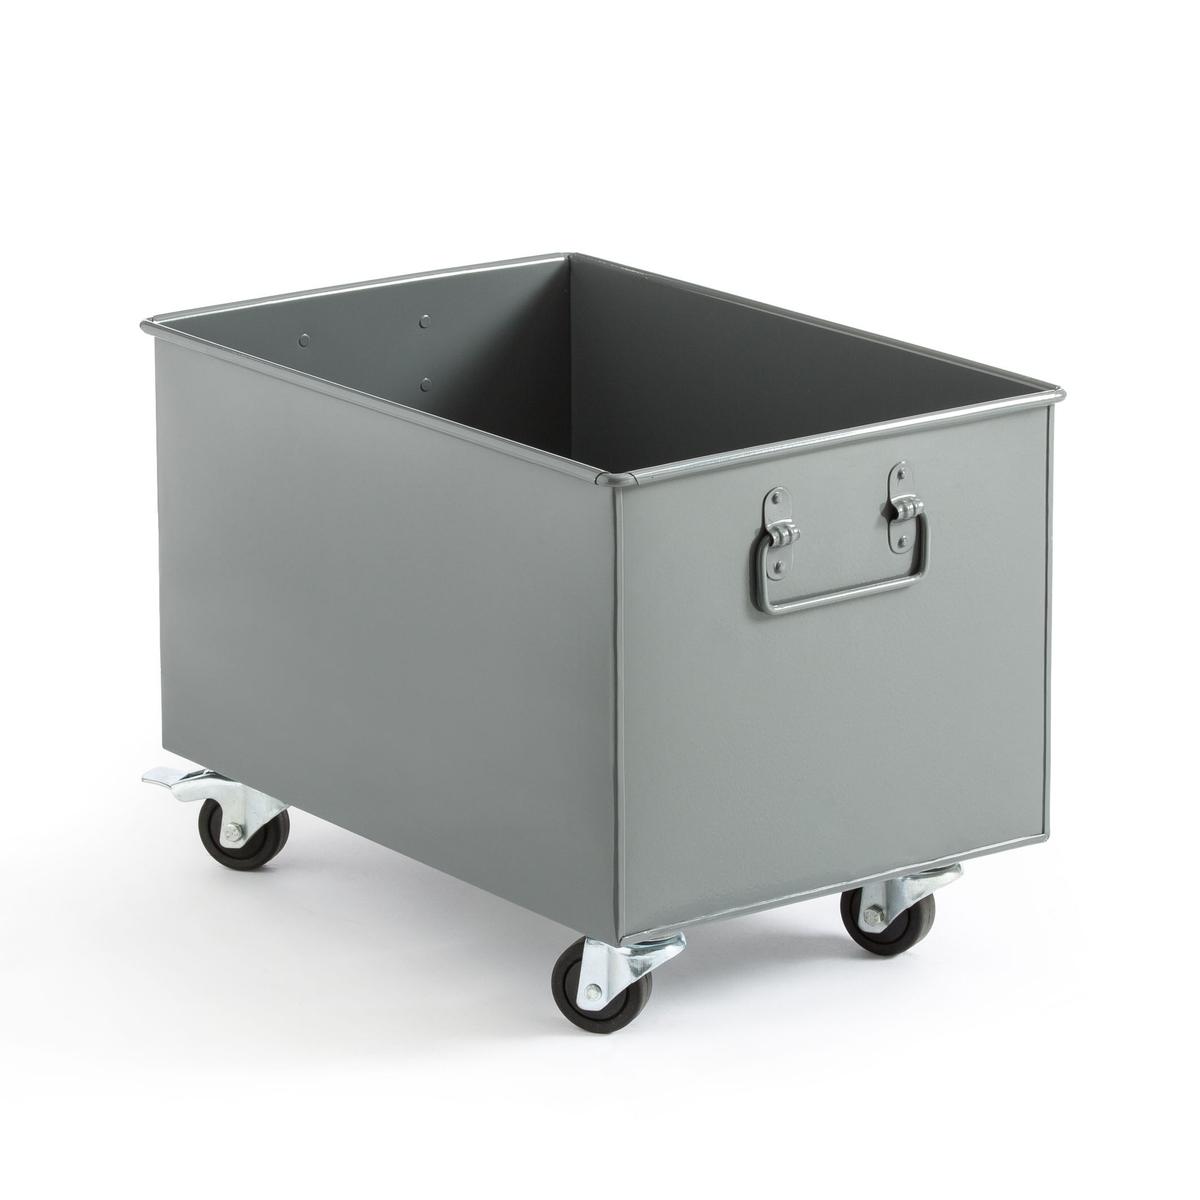 Ящик La Redoute На колесиках Hiba единый размер серый этажерка la redoute на колсиках hiba единый размер бежевый